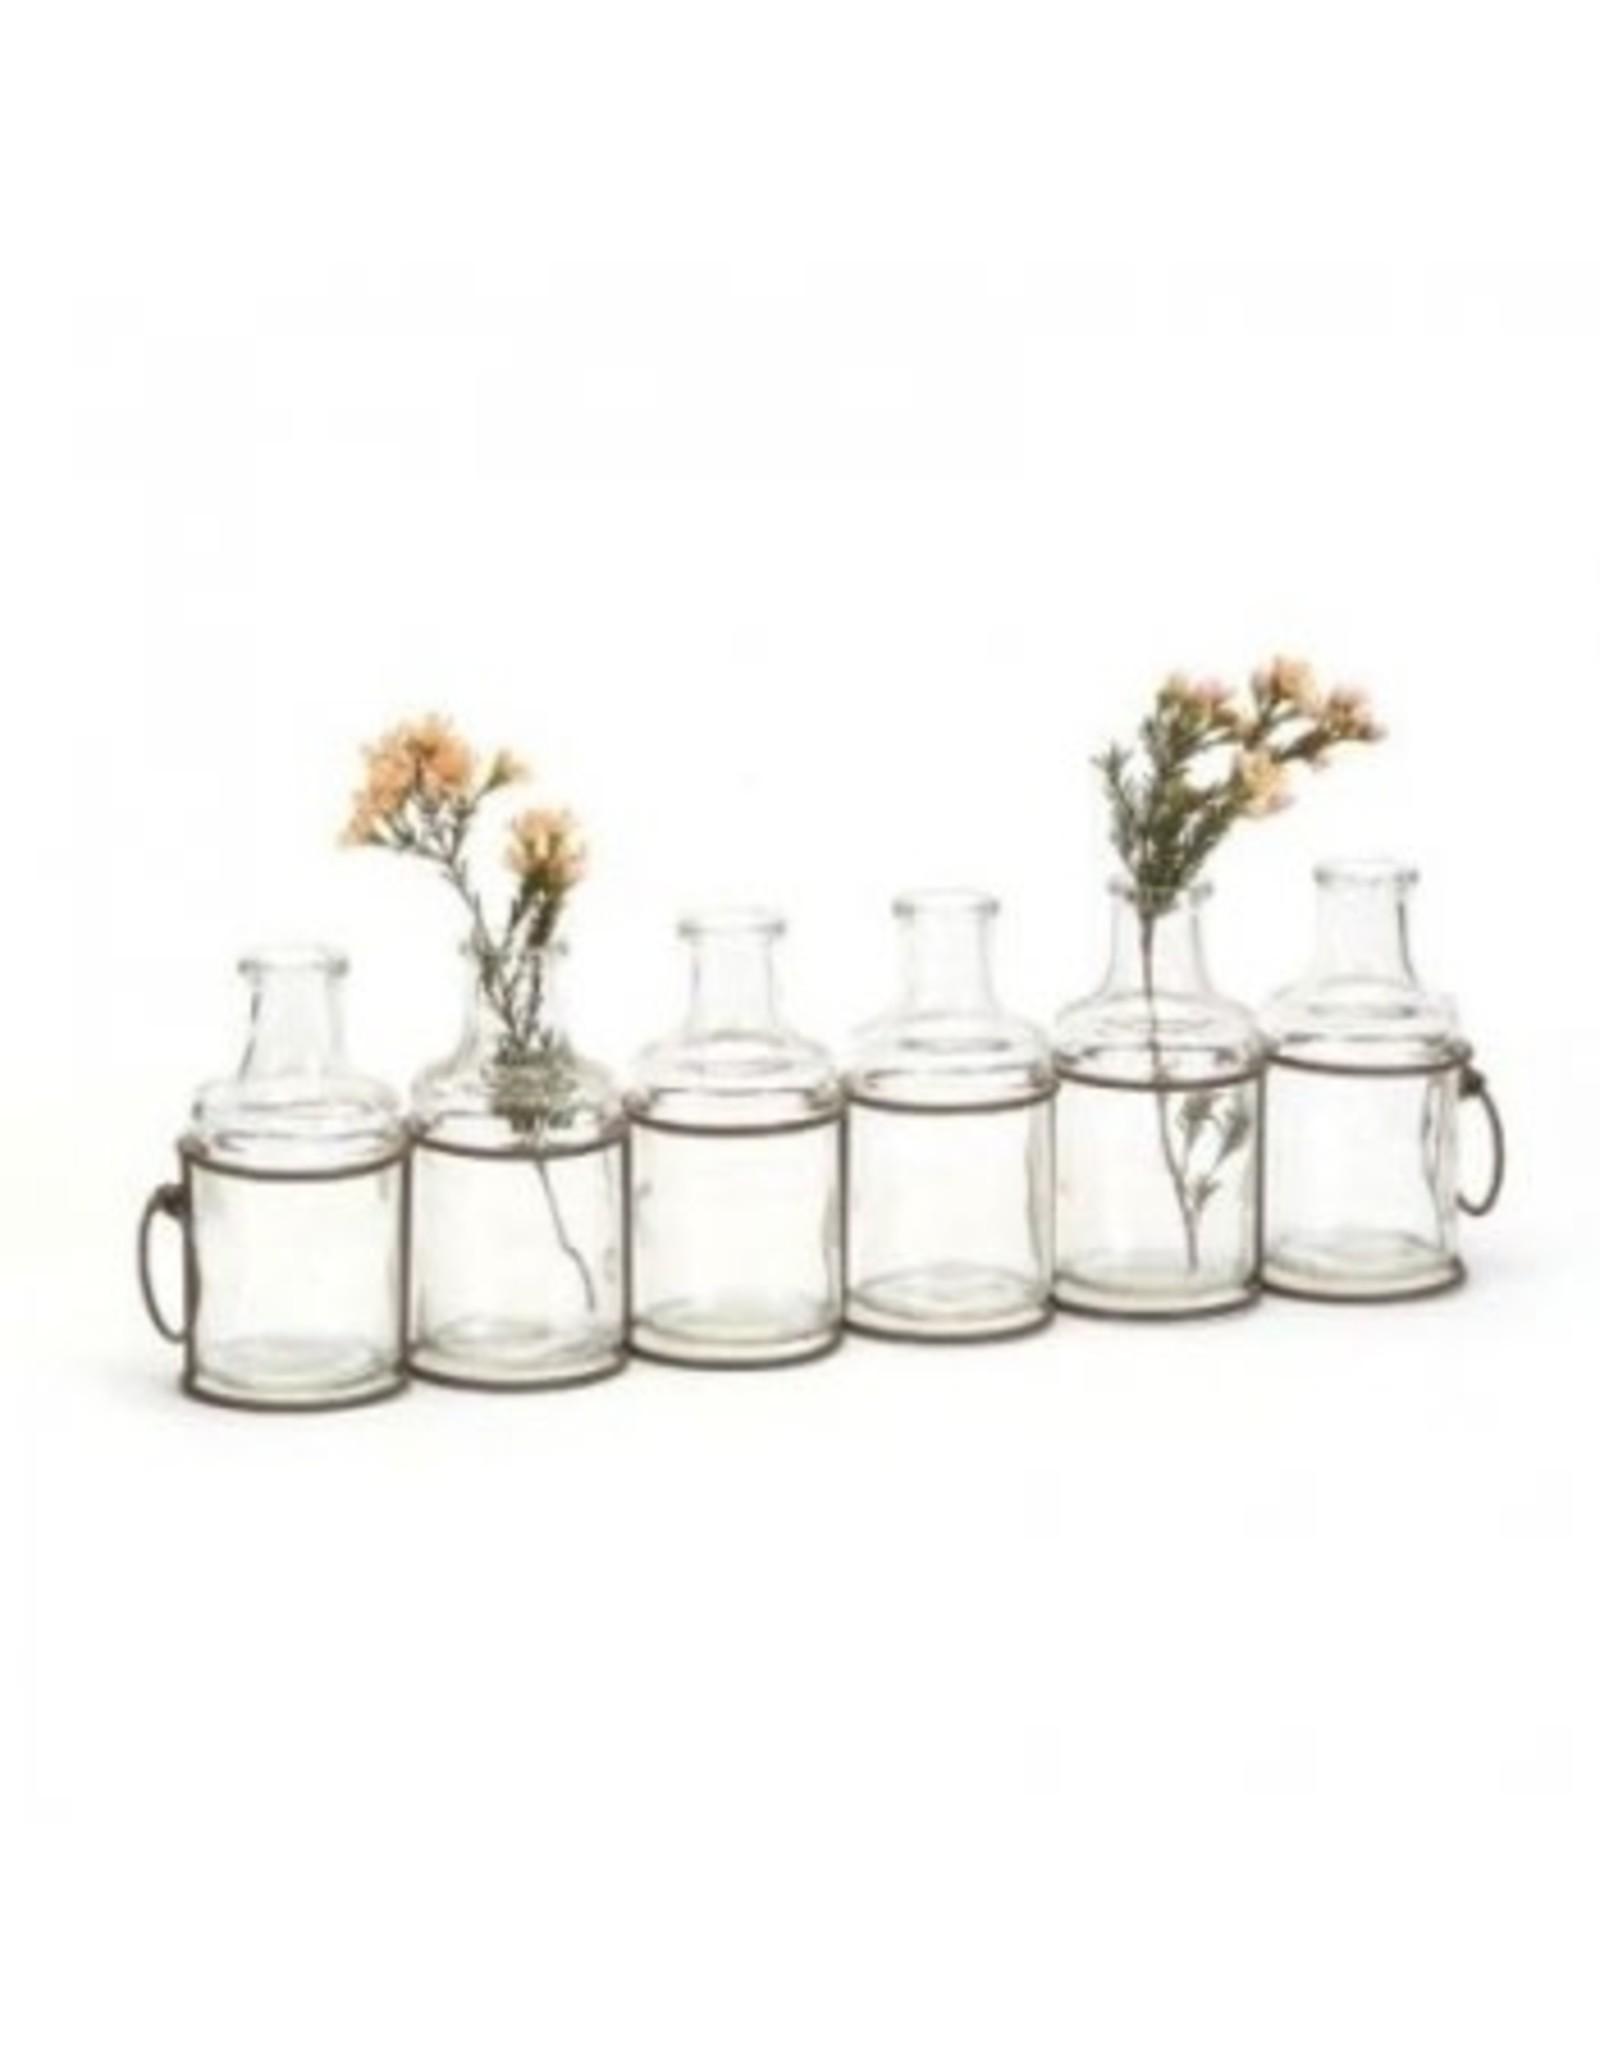 Pots en verre (6)